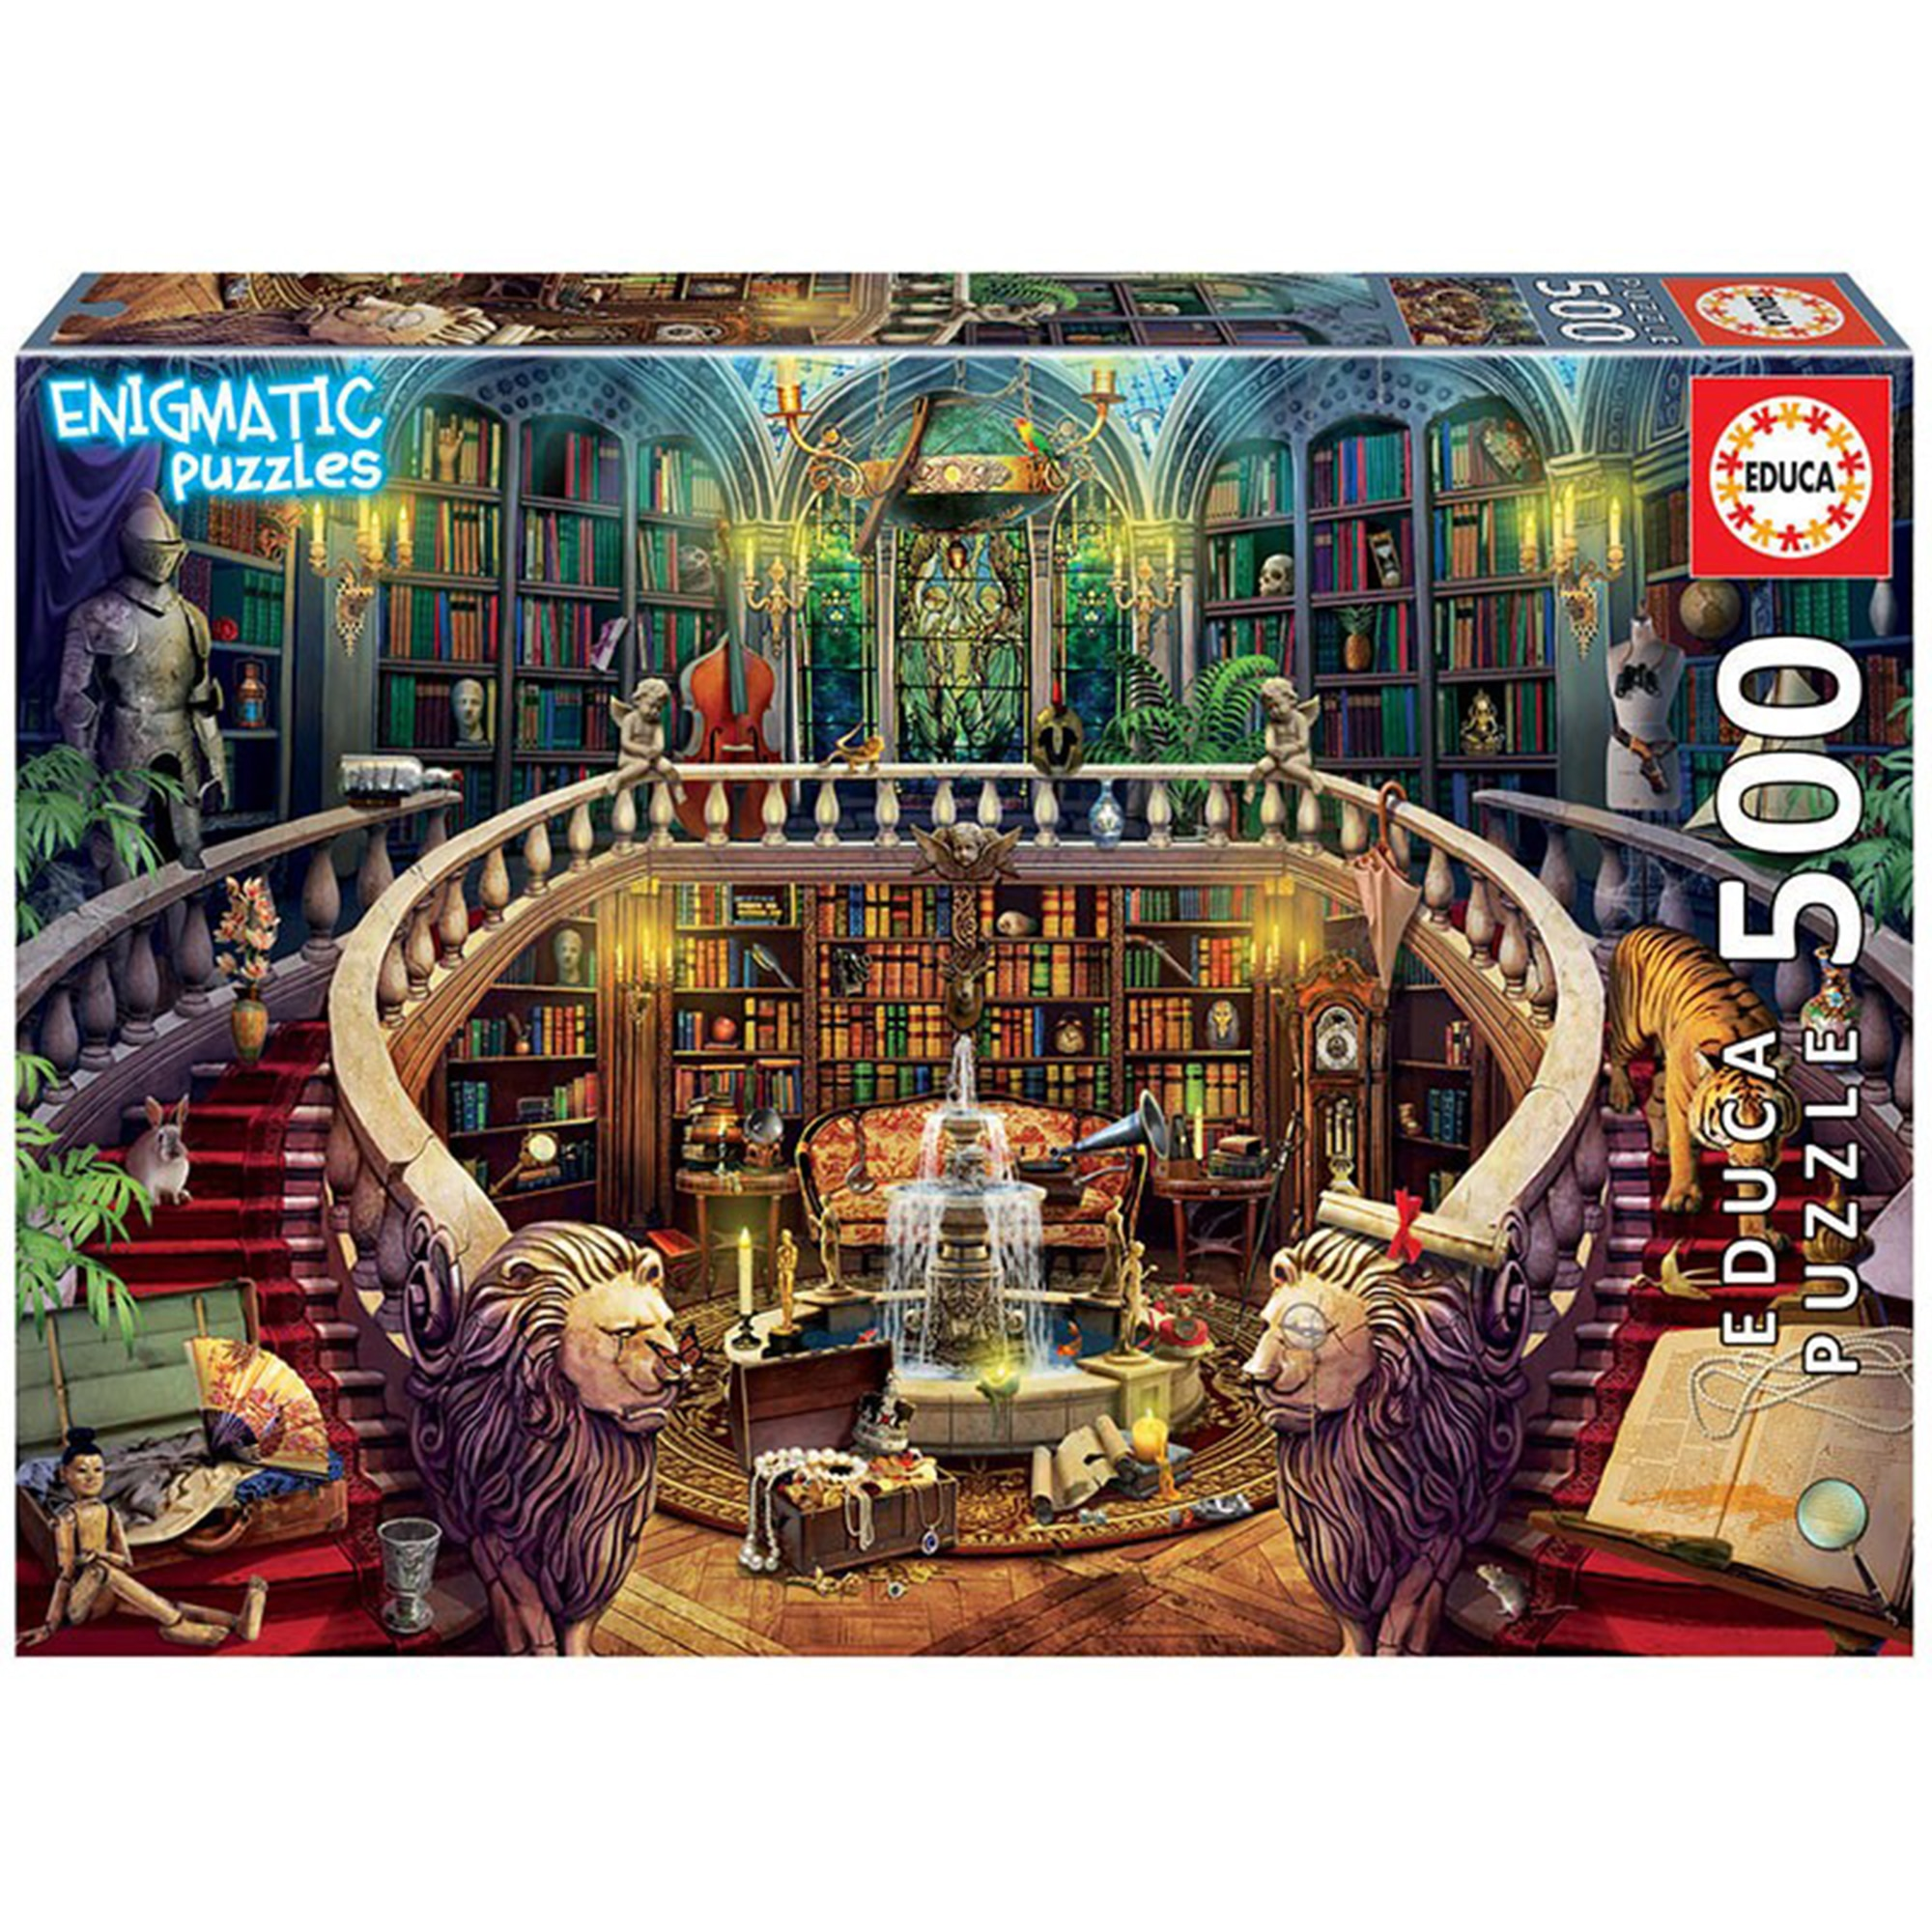 Puzzle 500 piese - Enigmatic Antiqe Library | Educa